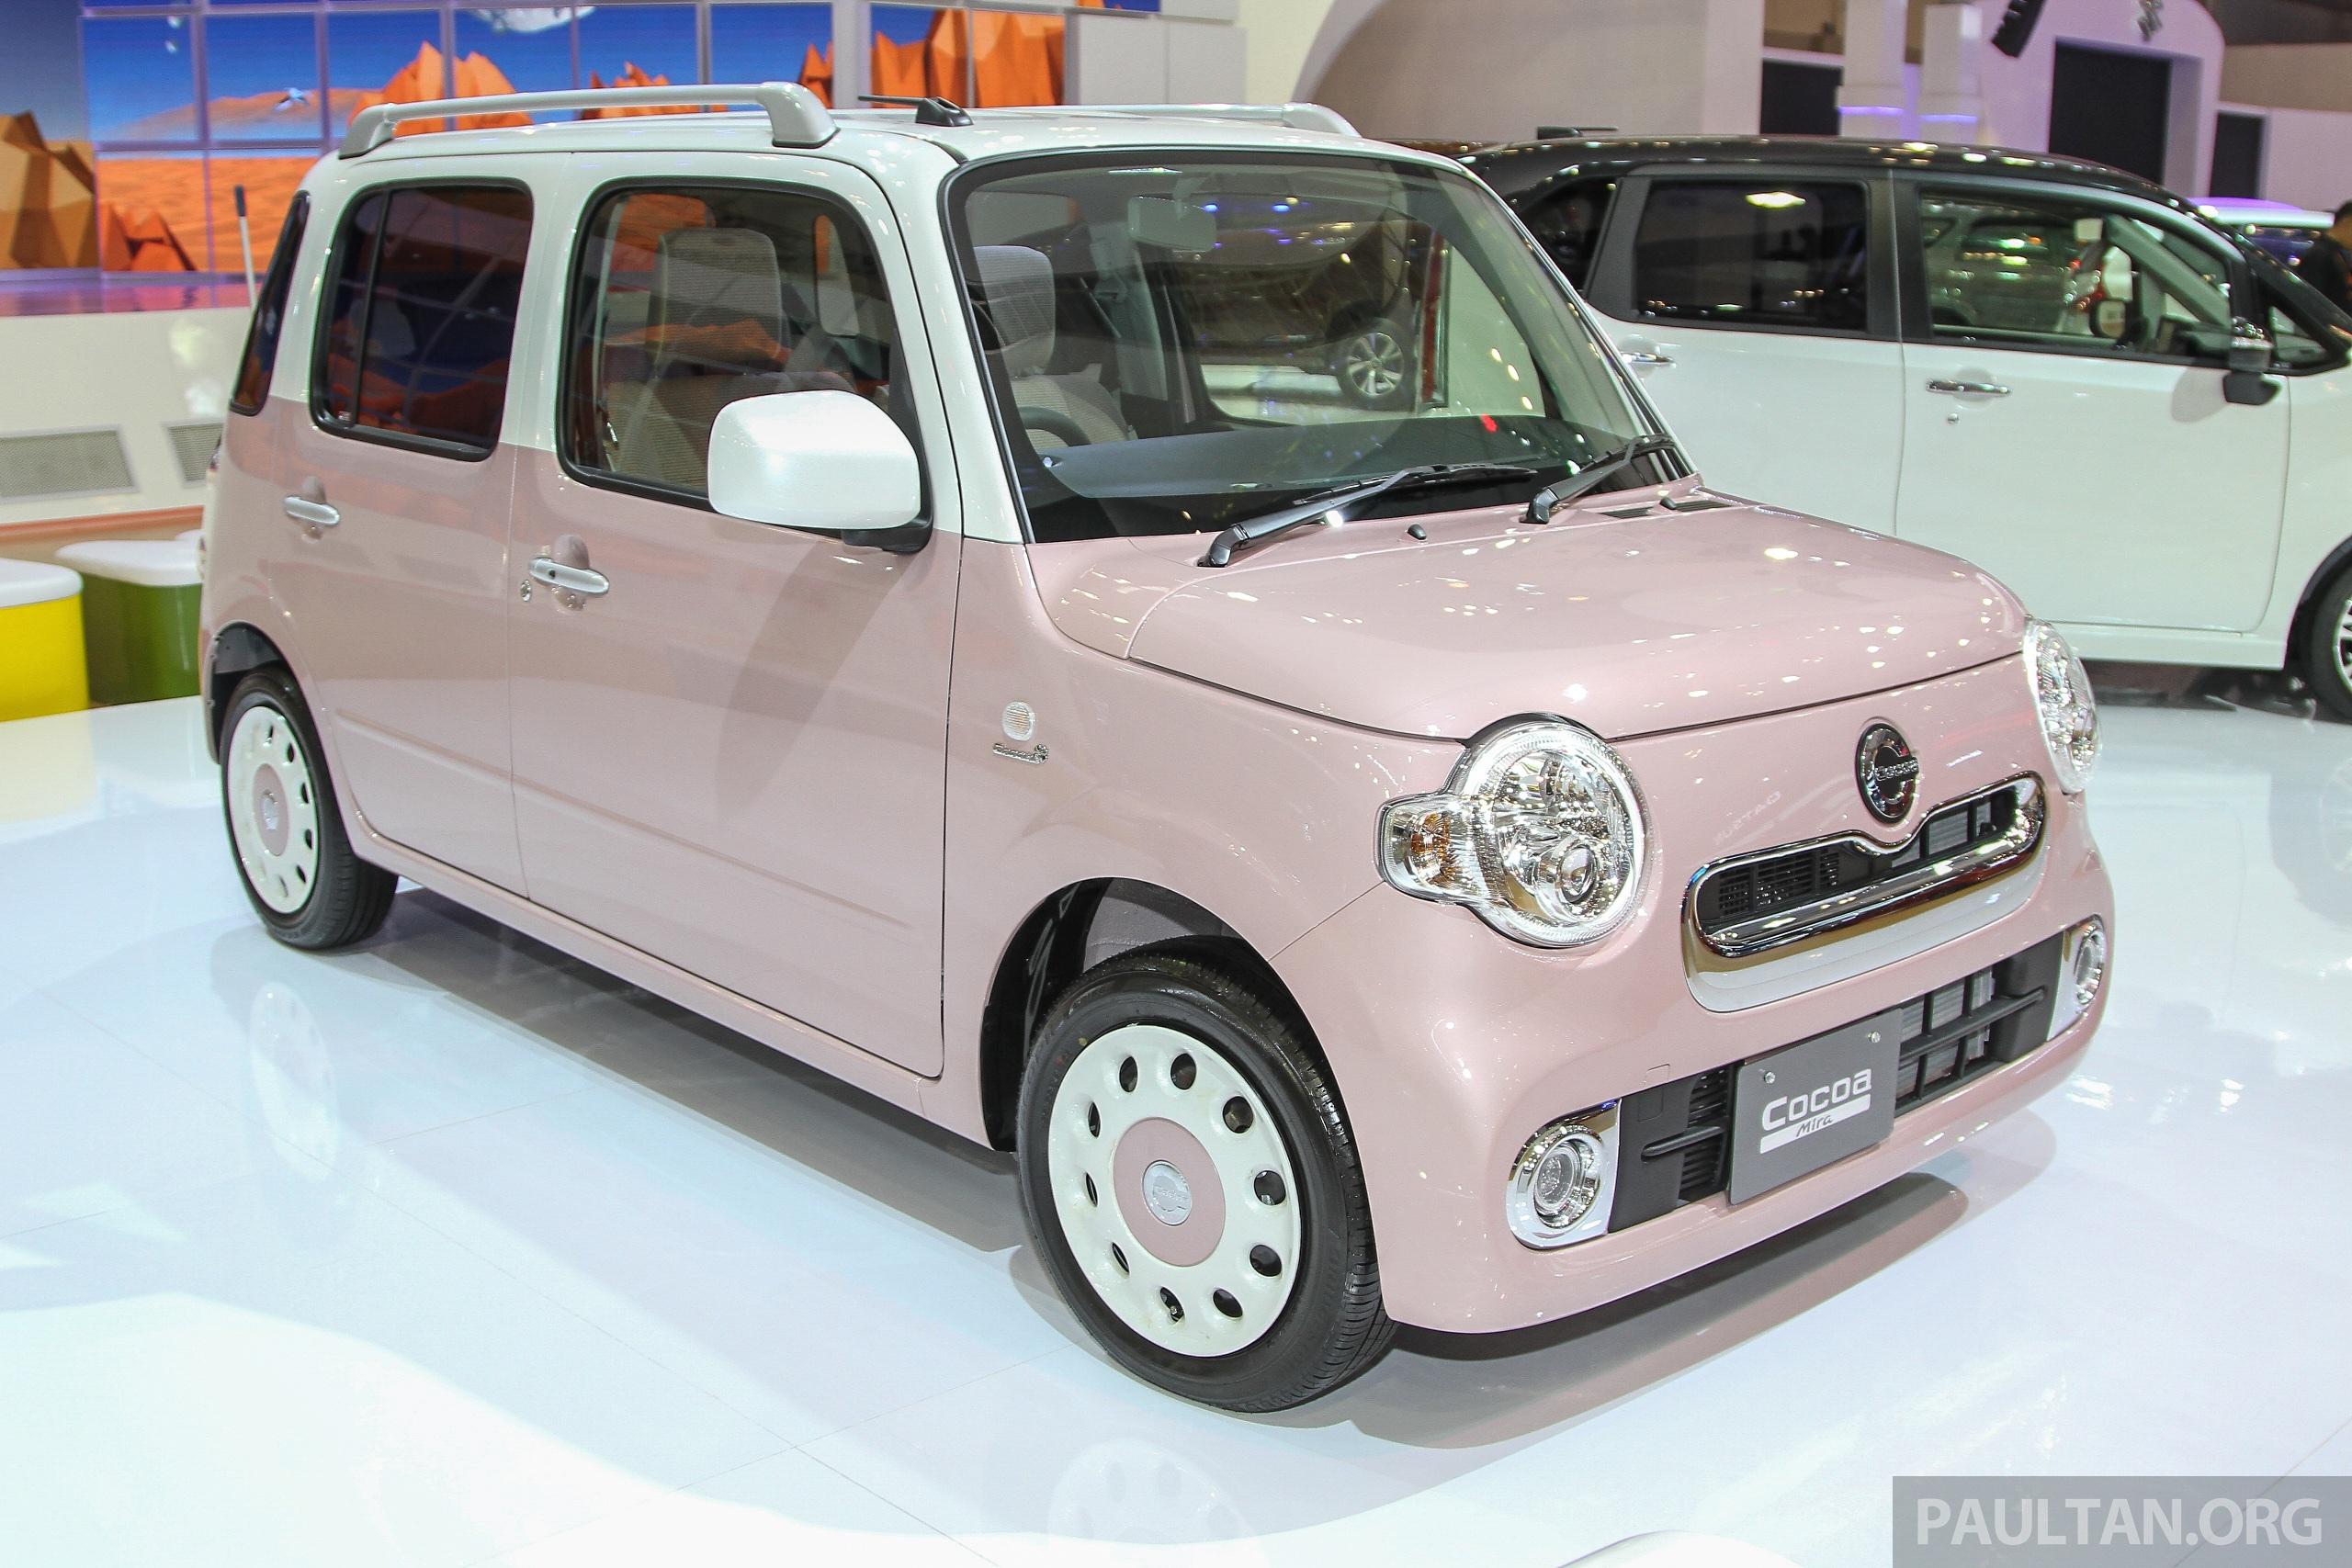 Mpv Murah Ladies Simak Nih Jajaran Mobil Combi Modern Modelnya